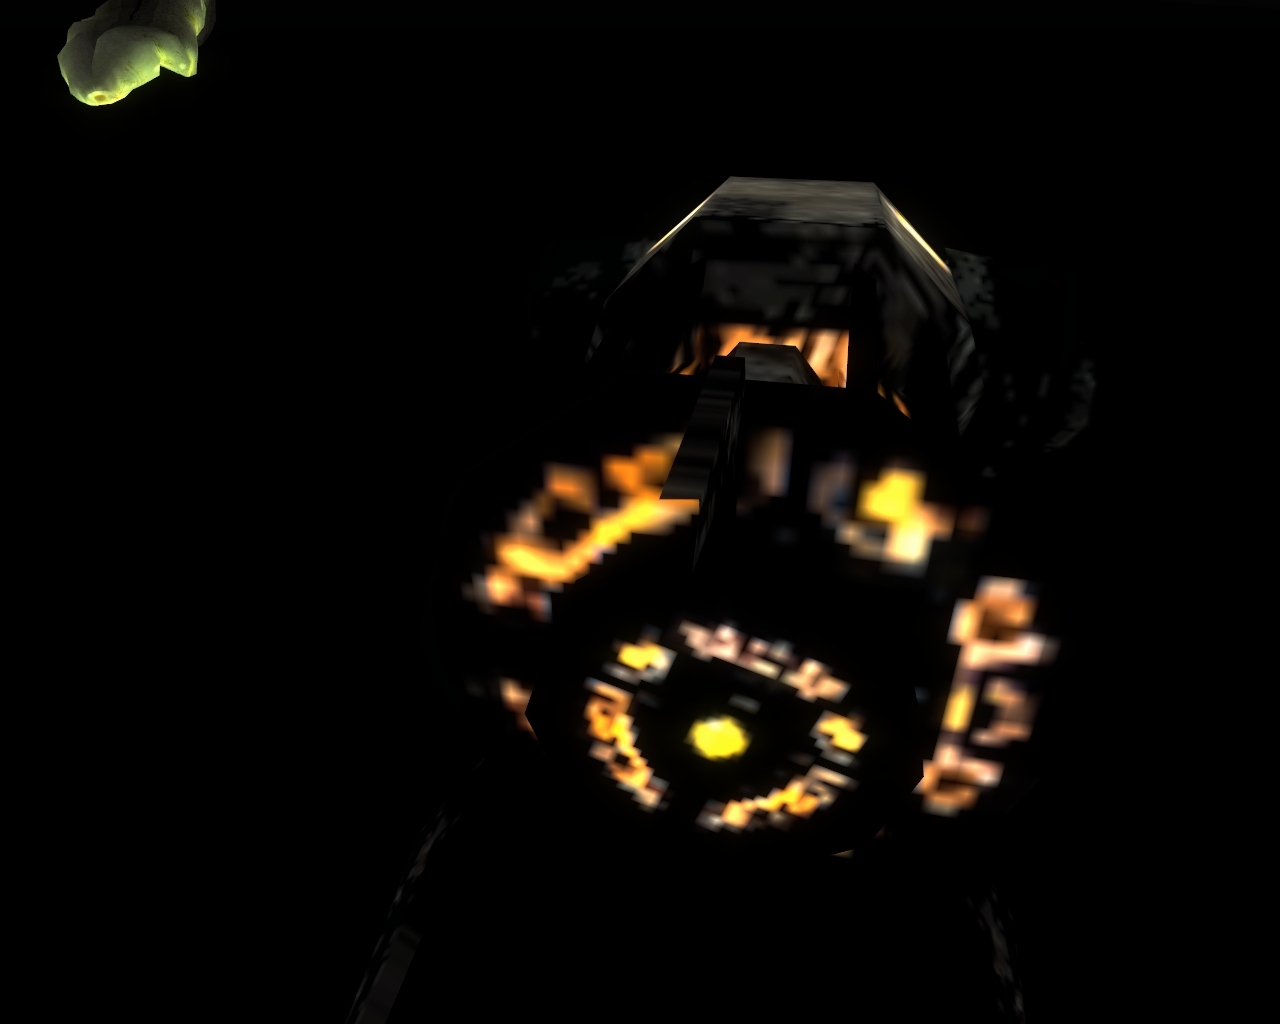 ep2_outland_030082.jpg - Half-Life 2